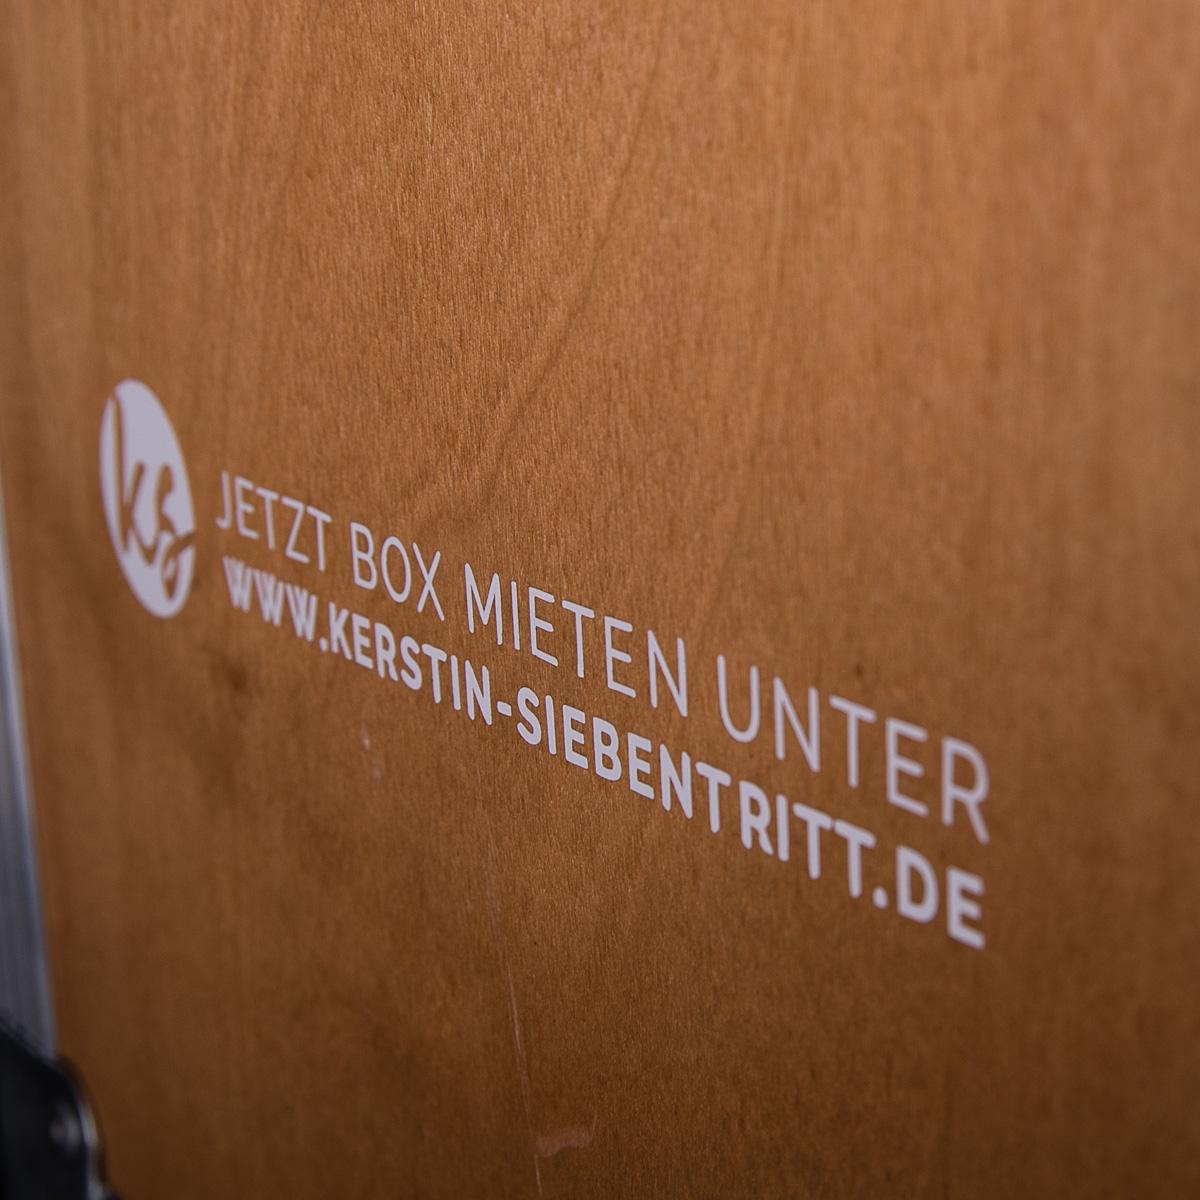 Fotobox mieten in Eichstätt / Ingolstadt / Weißenburg